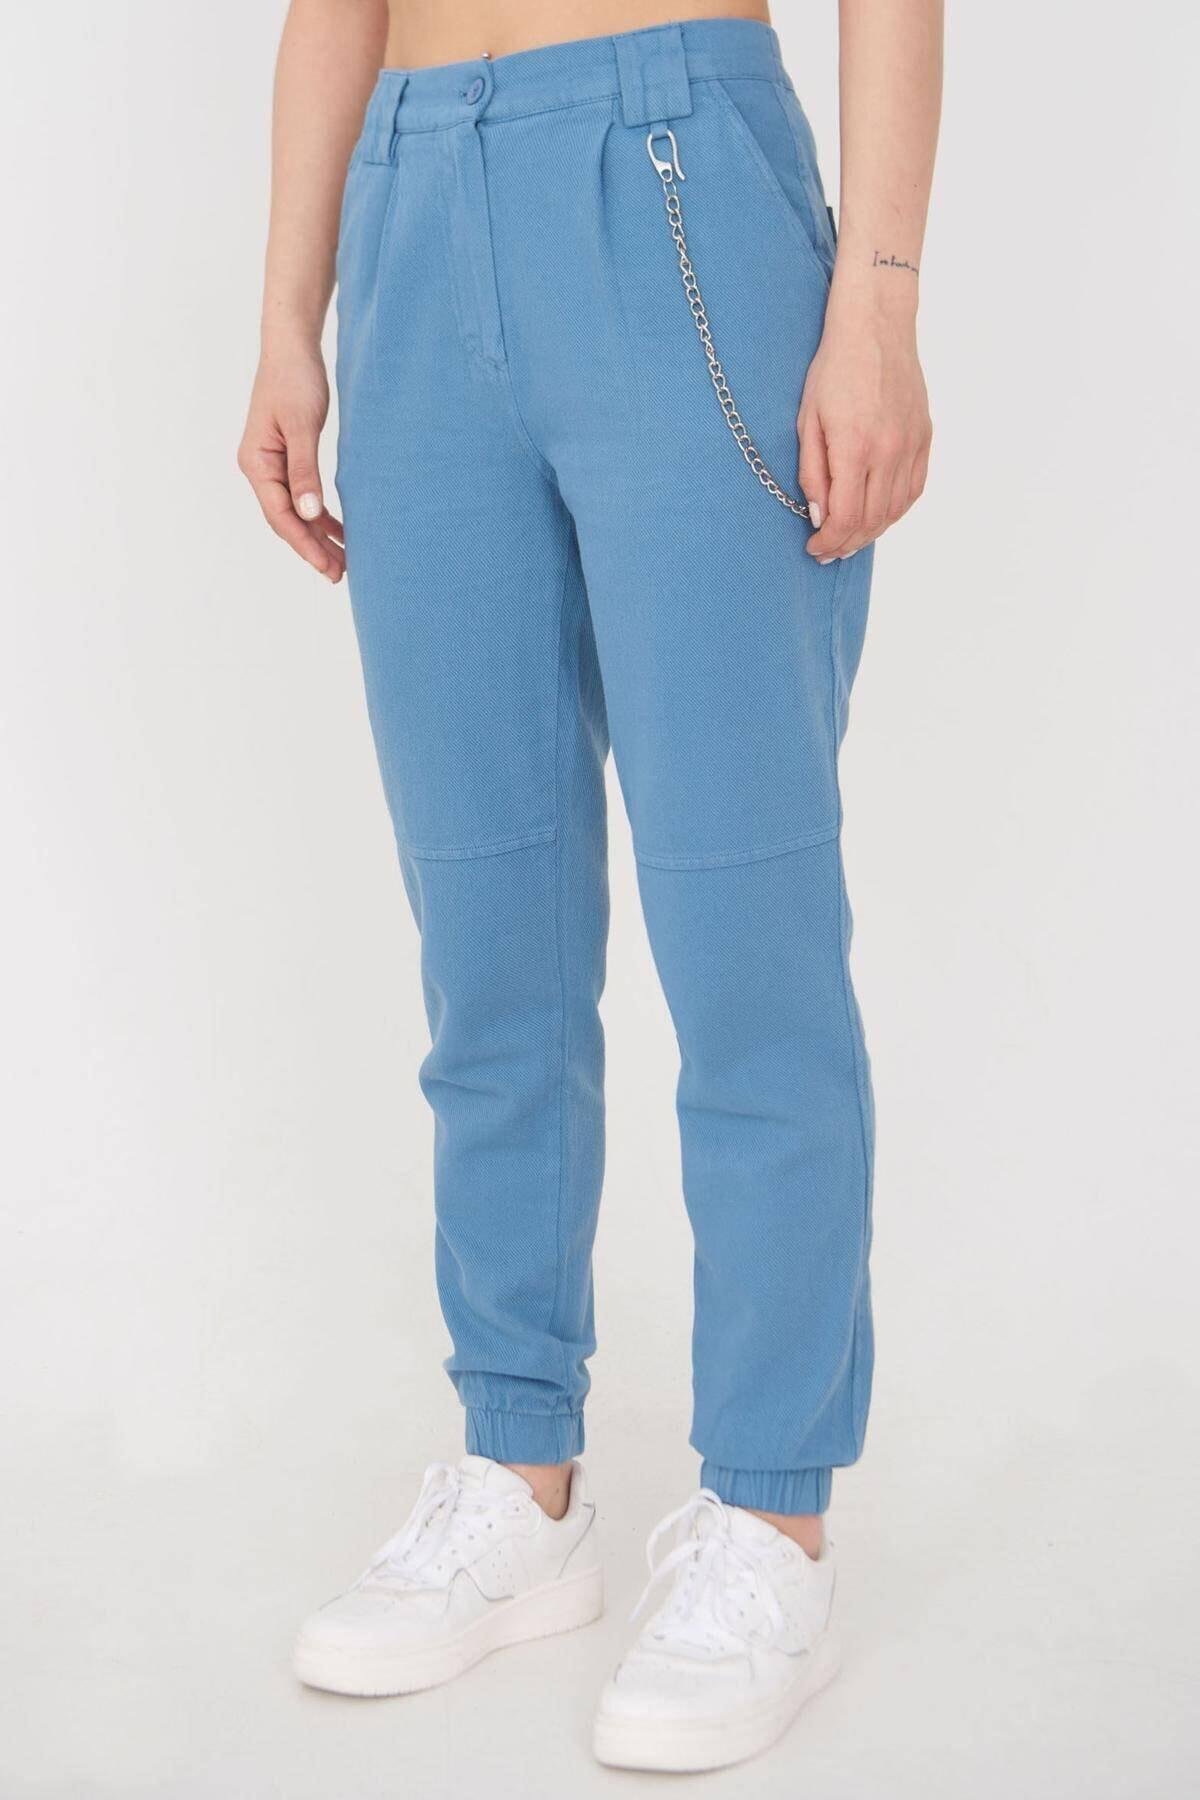 Addax Kadın Mavi Zincir Detaylı Pantolon Pn01-0073 - S11 Adx-0000024102